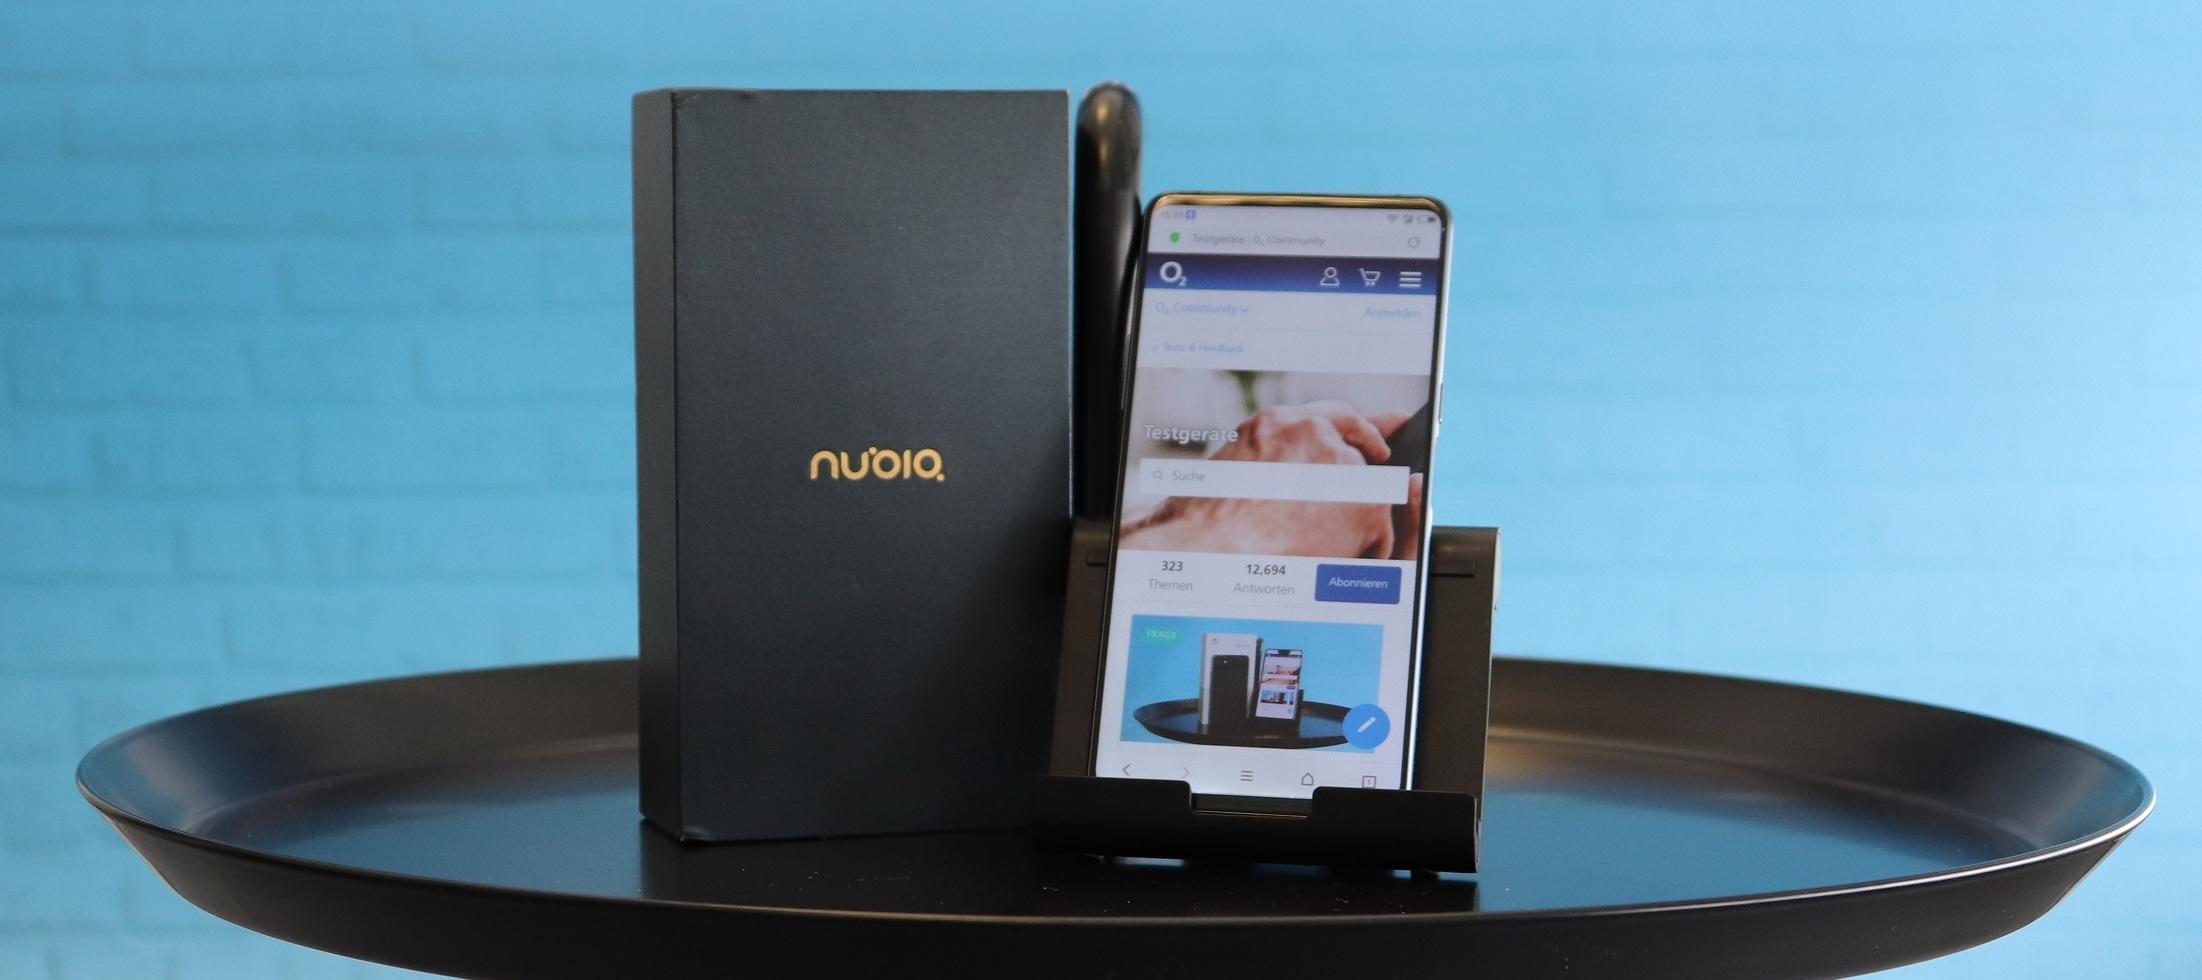 Nubia X Testgerät: Zwei Displays, ein Test!